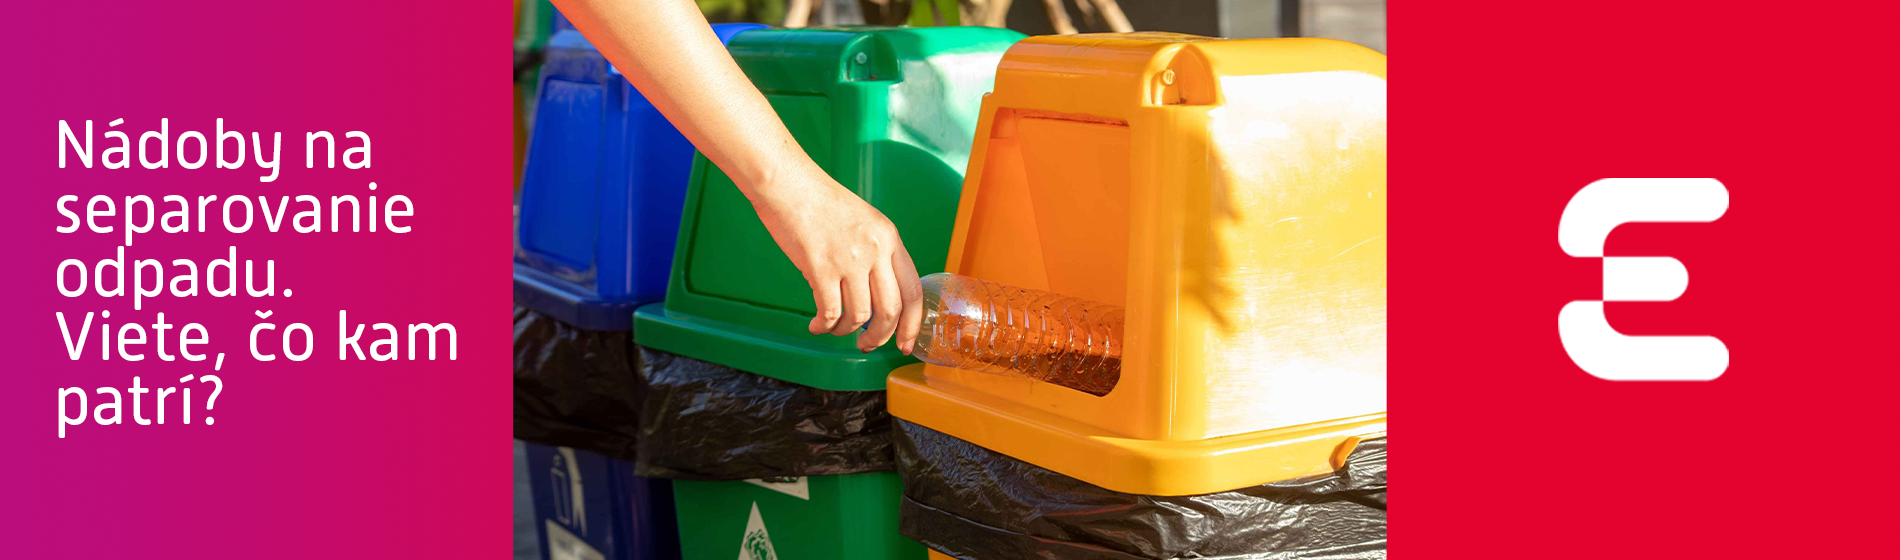 Nádoby na separovanie odpadu. Viete, čo kam patrí?